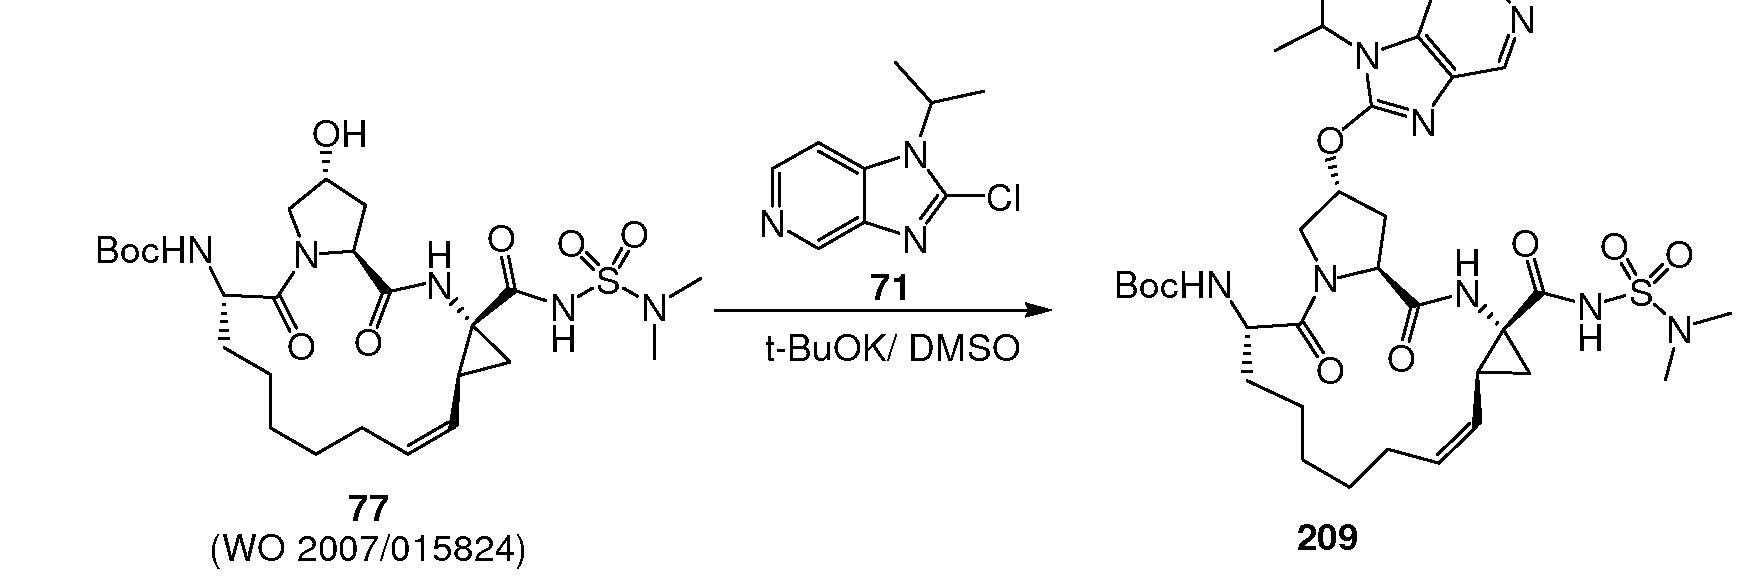 Figure imgf000185_0002